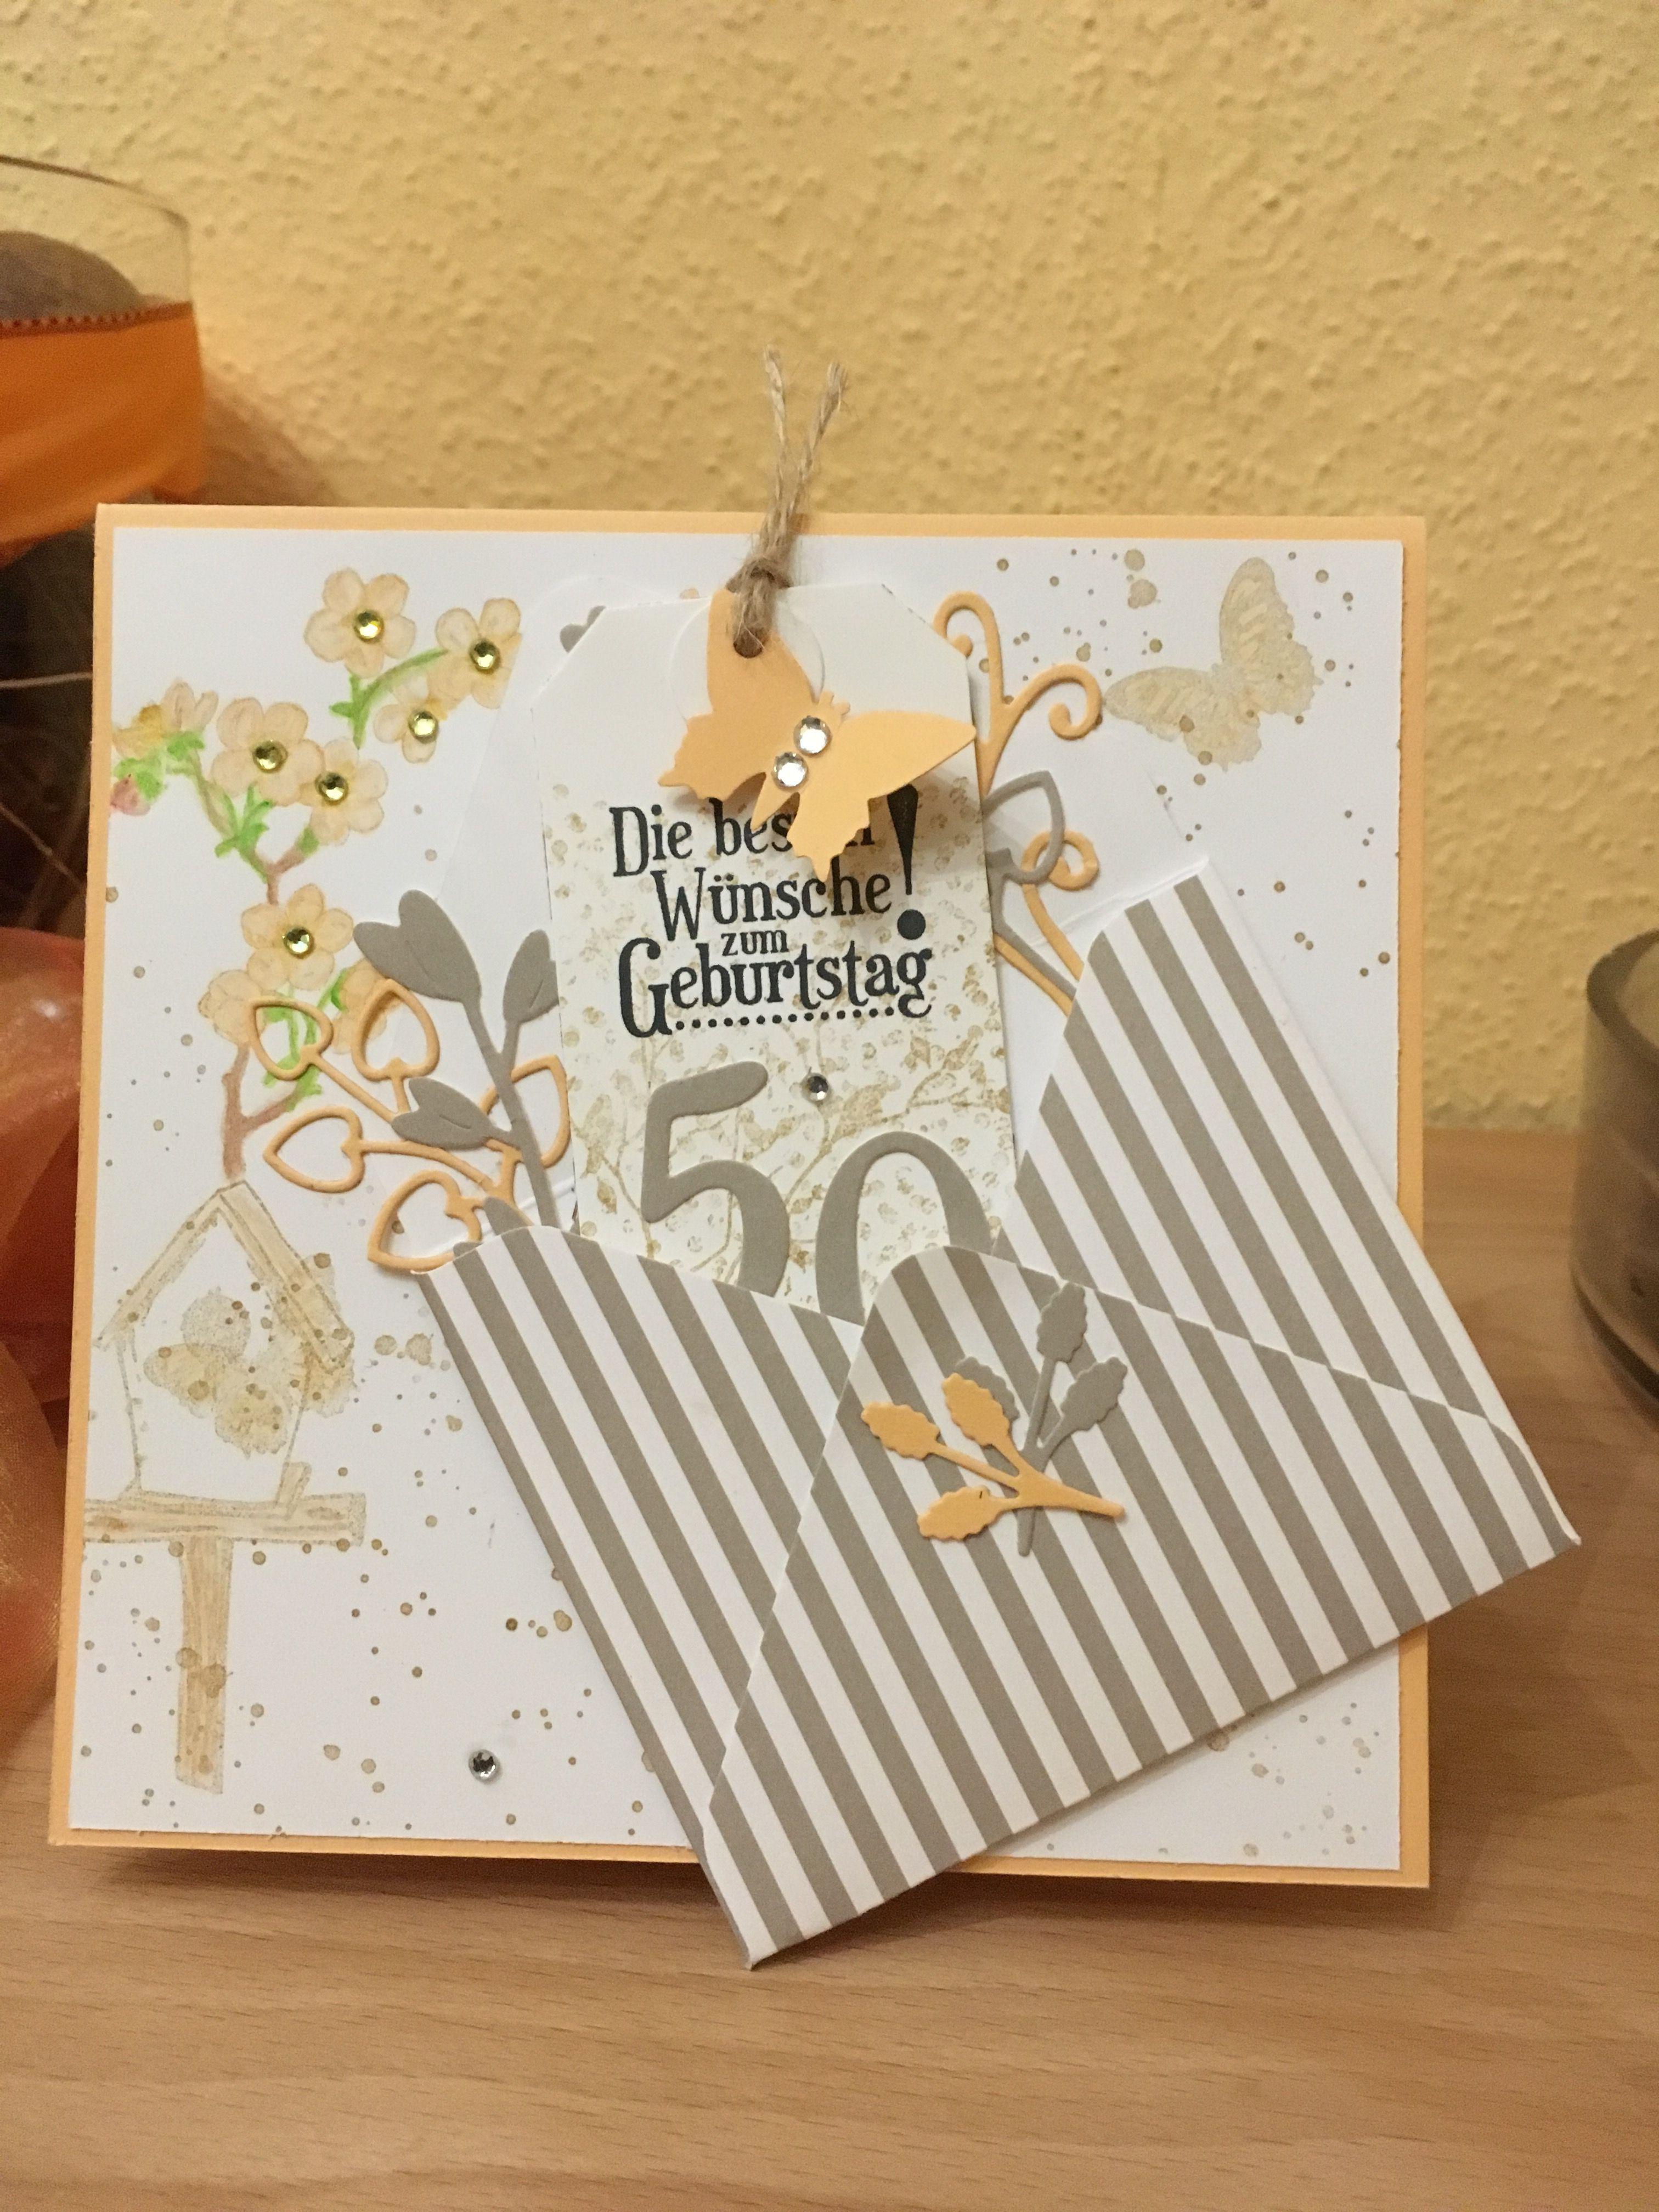 Gluckwunschkarte Zum 50 Geburtstag Geburtstag Wunsche